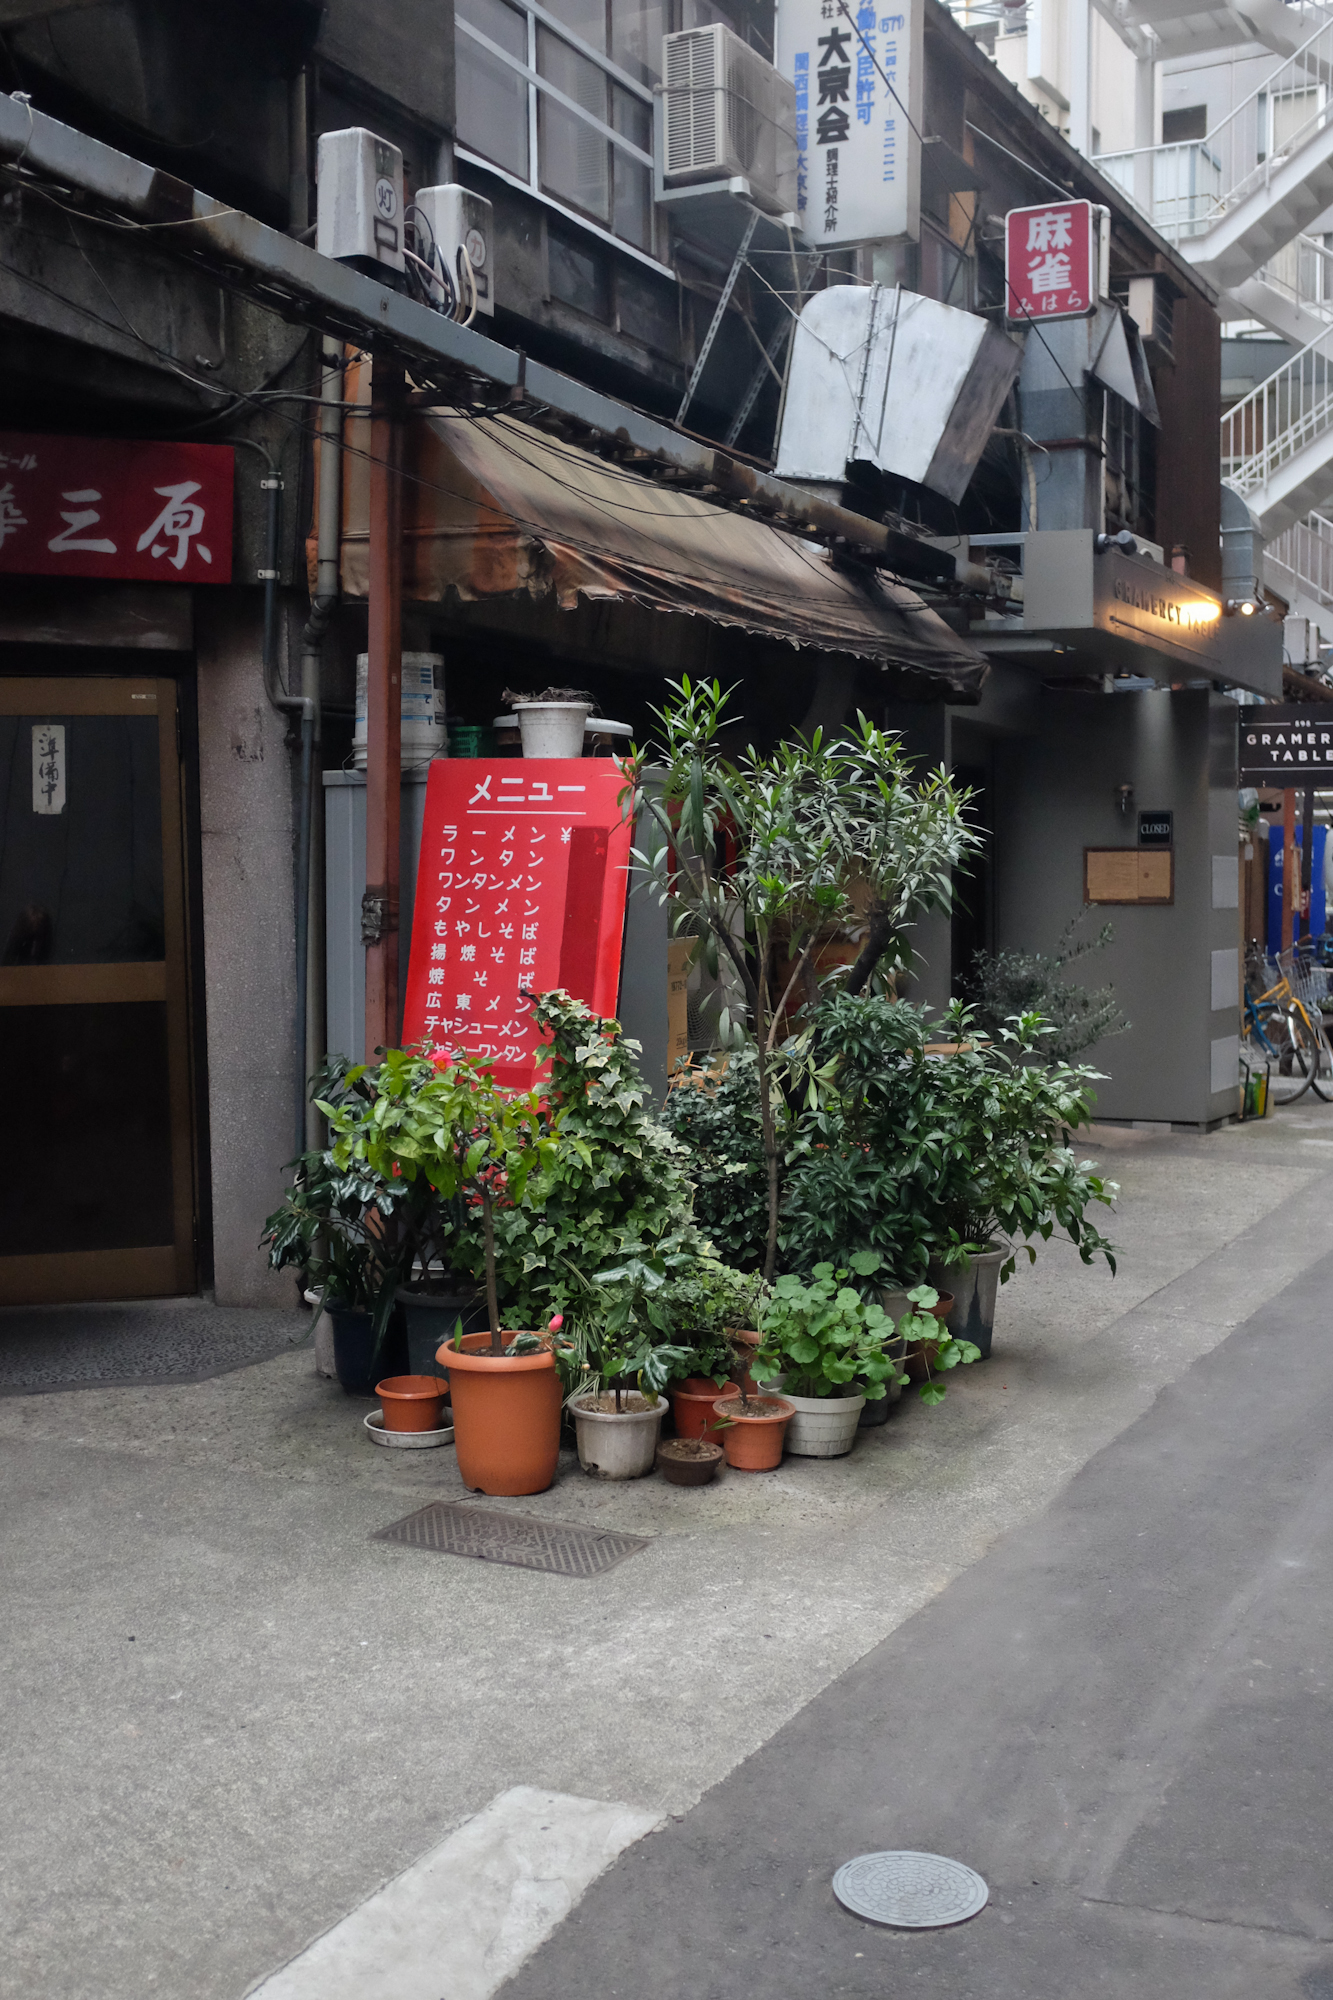 Tokyostreetgardens-1151.jpg